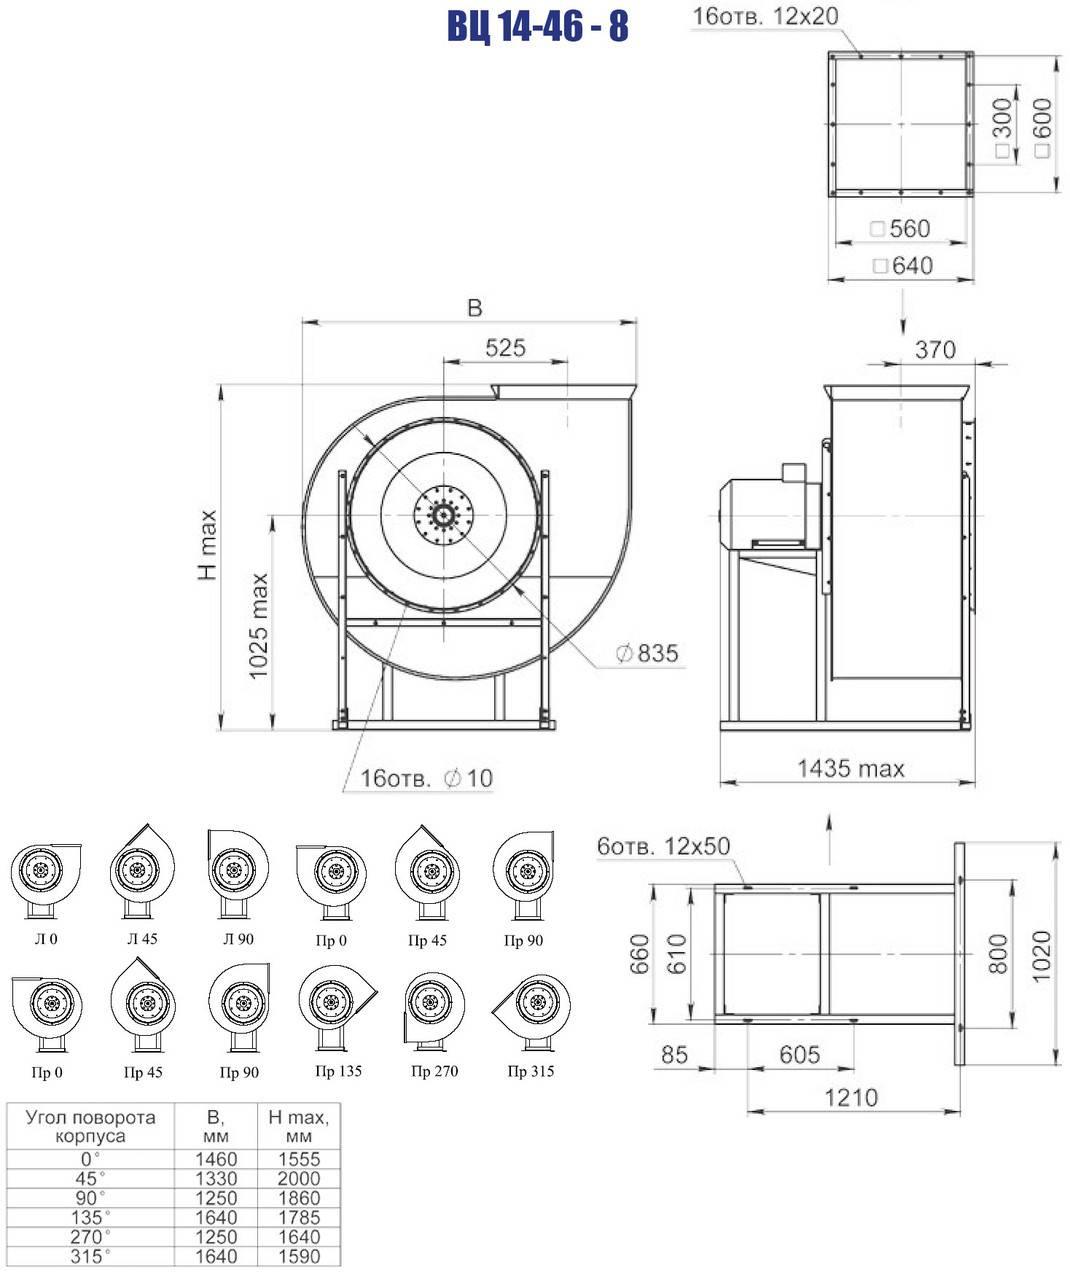 Радиальный центробежный вентилятор для вытяжки и системы вентиляции: принцип работы, преимущества, монтаж